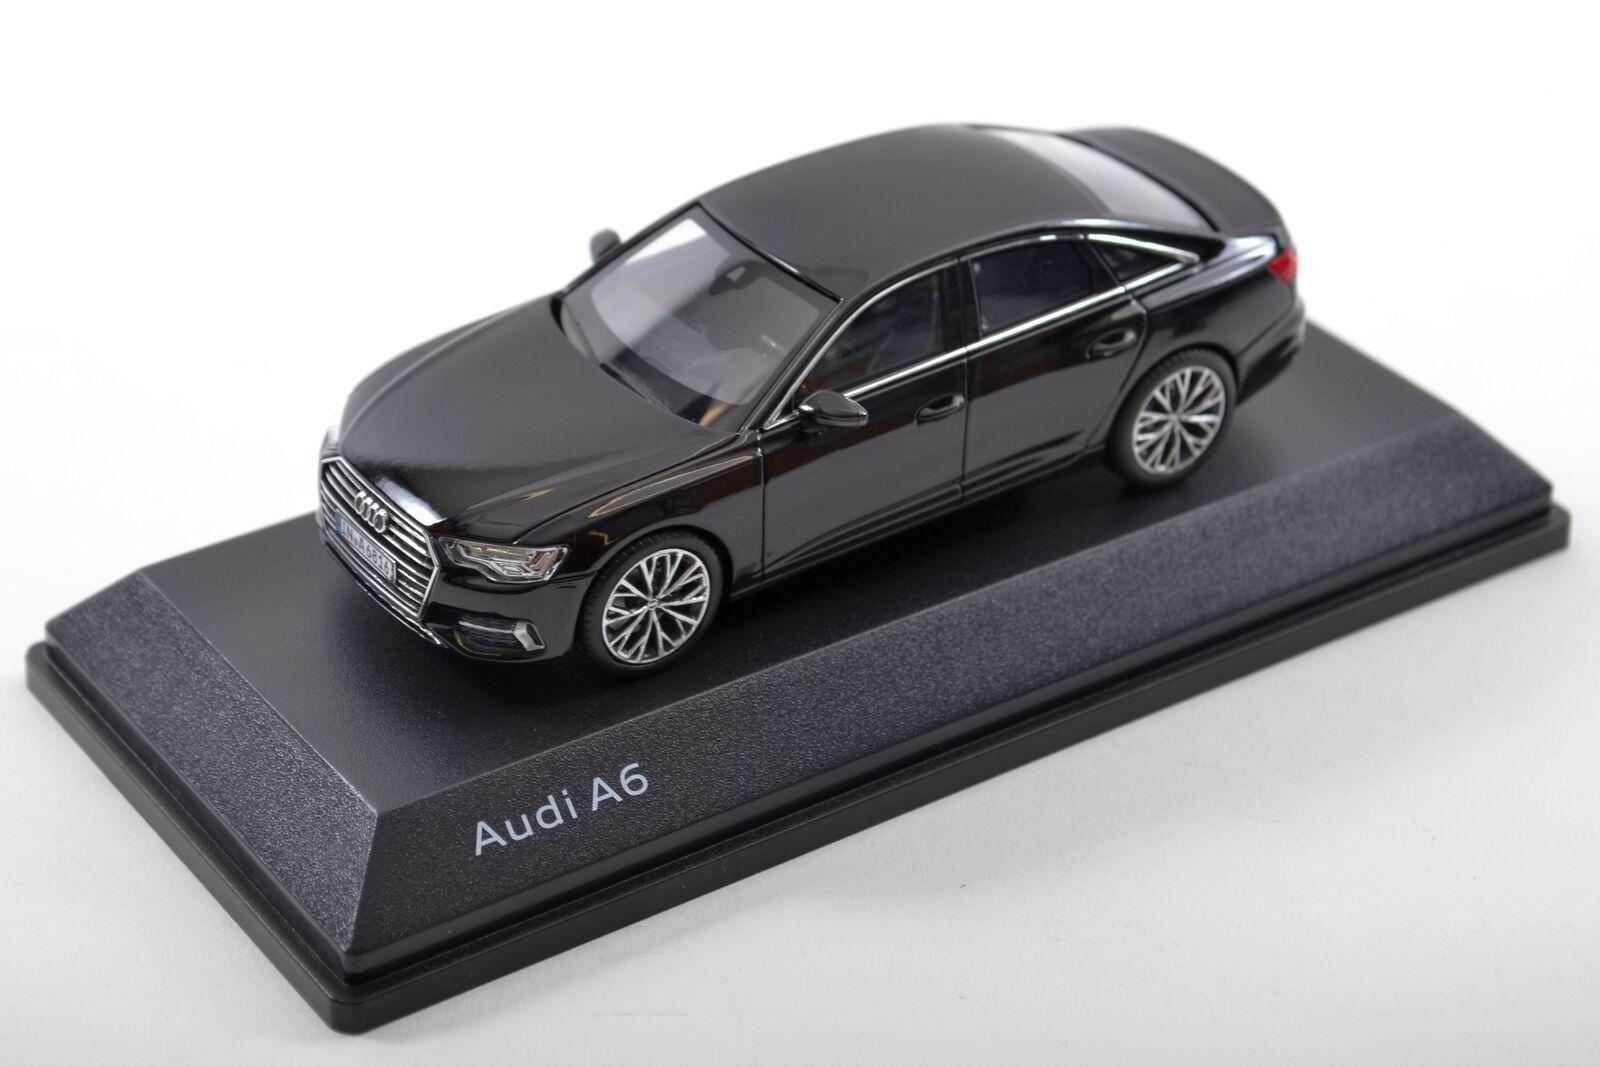 Audi a6 c8 Berline, mythe noir, 1 43 5011806132